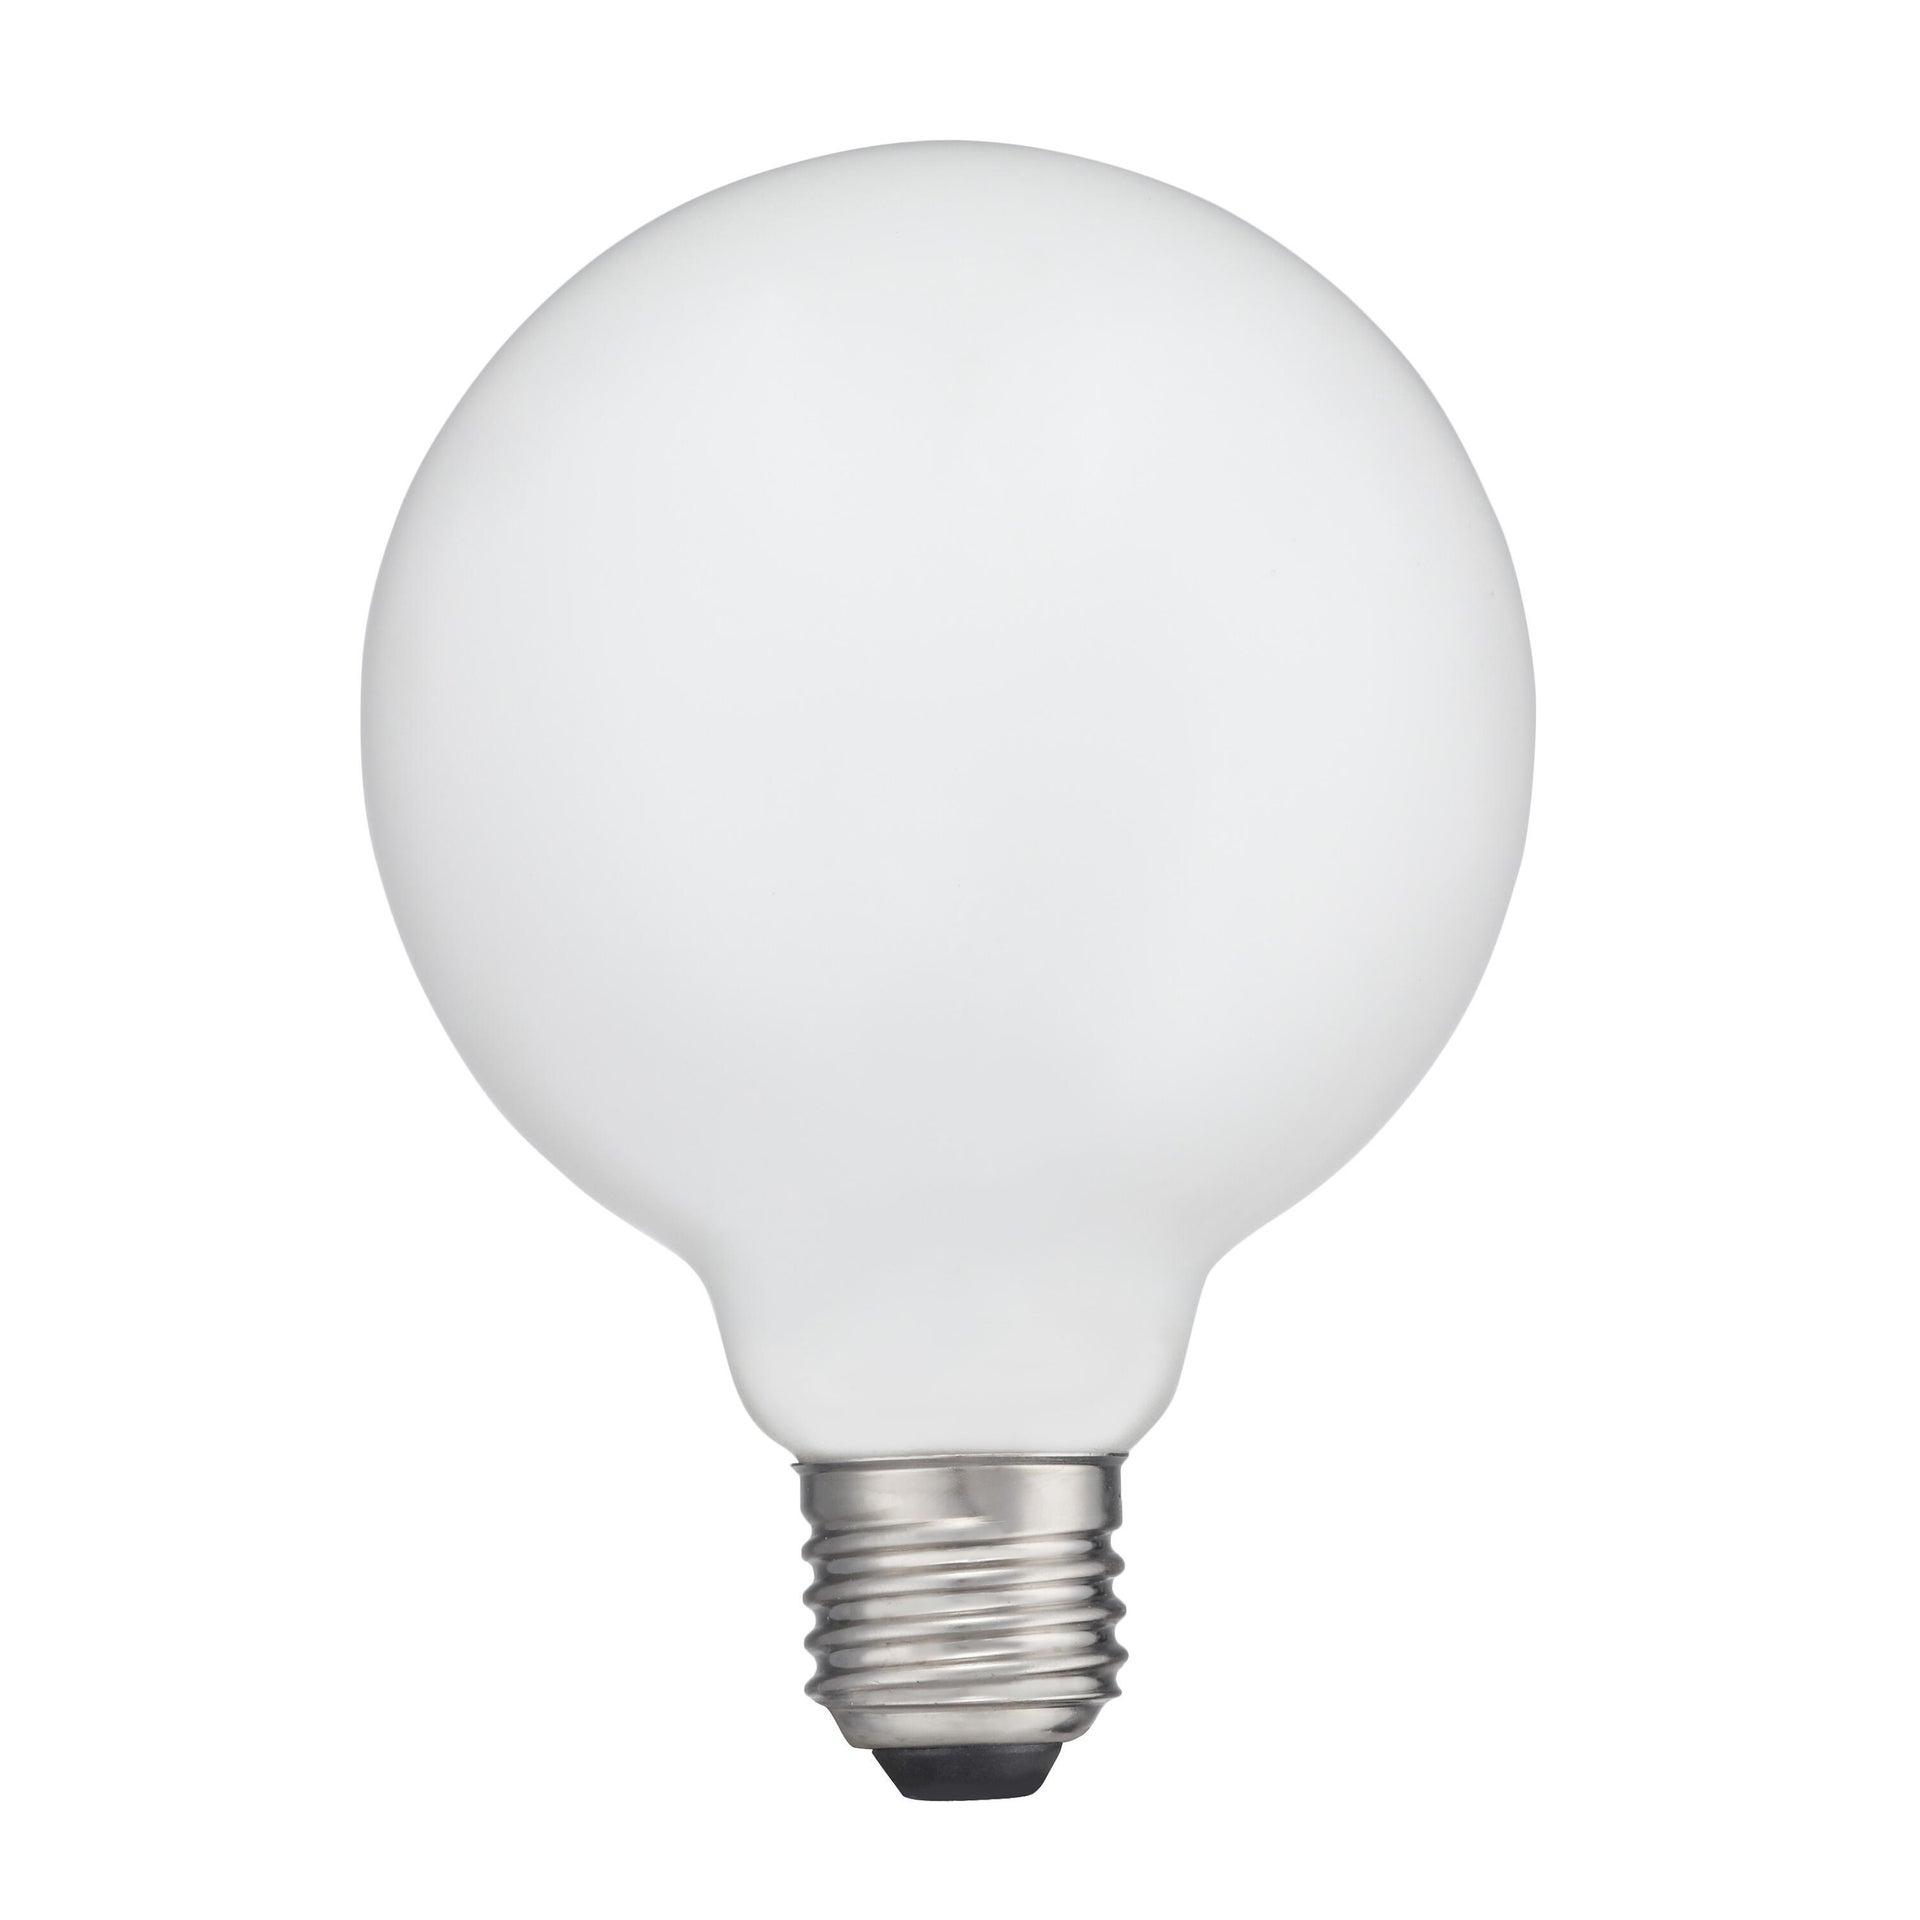 Lampadina LED, E27, Globo, Opaco, Luce naturale, 12W=1521LM (equiv 100 W), 360° , LEXMAN - 3